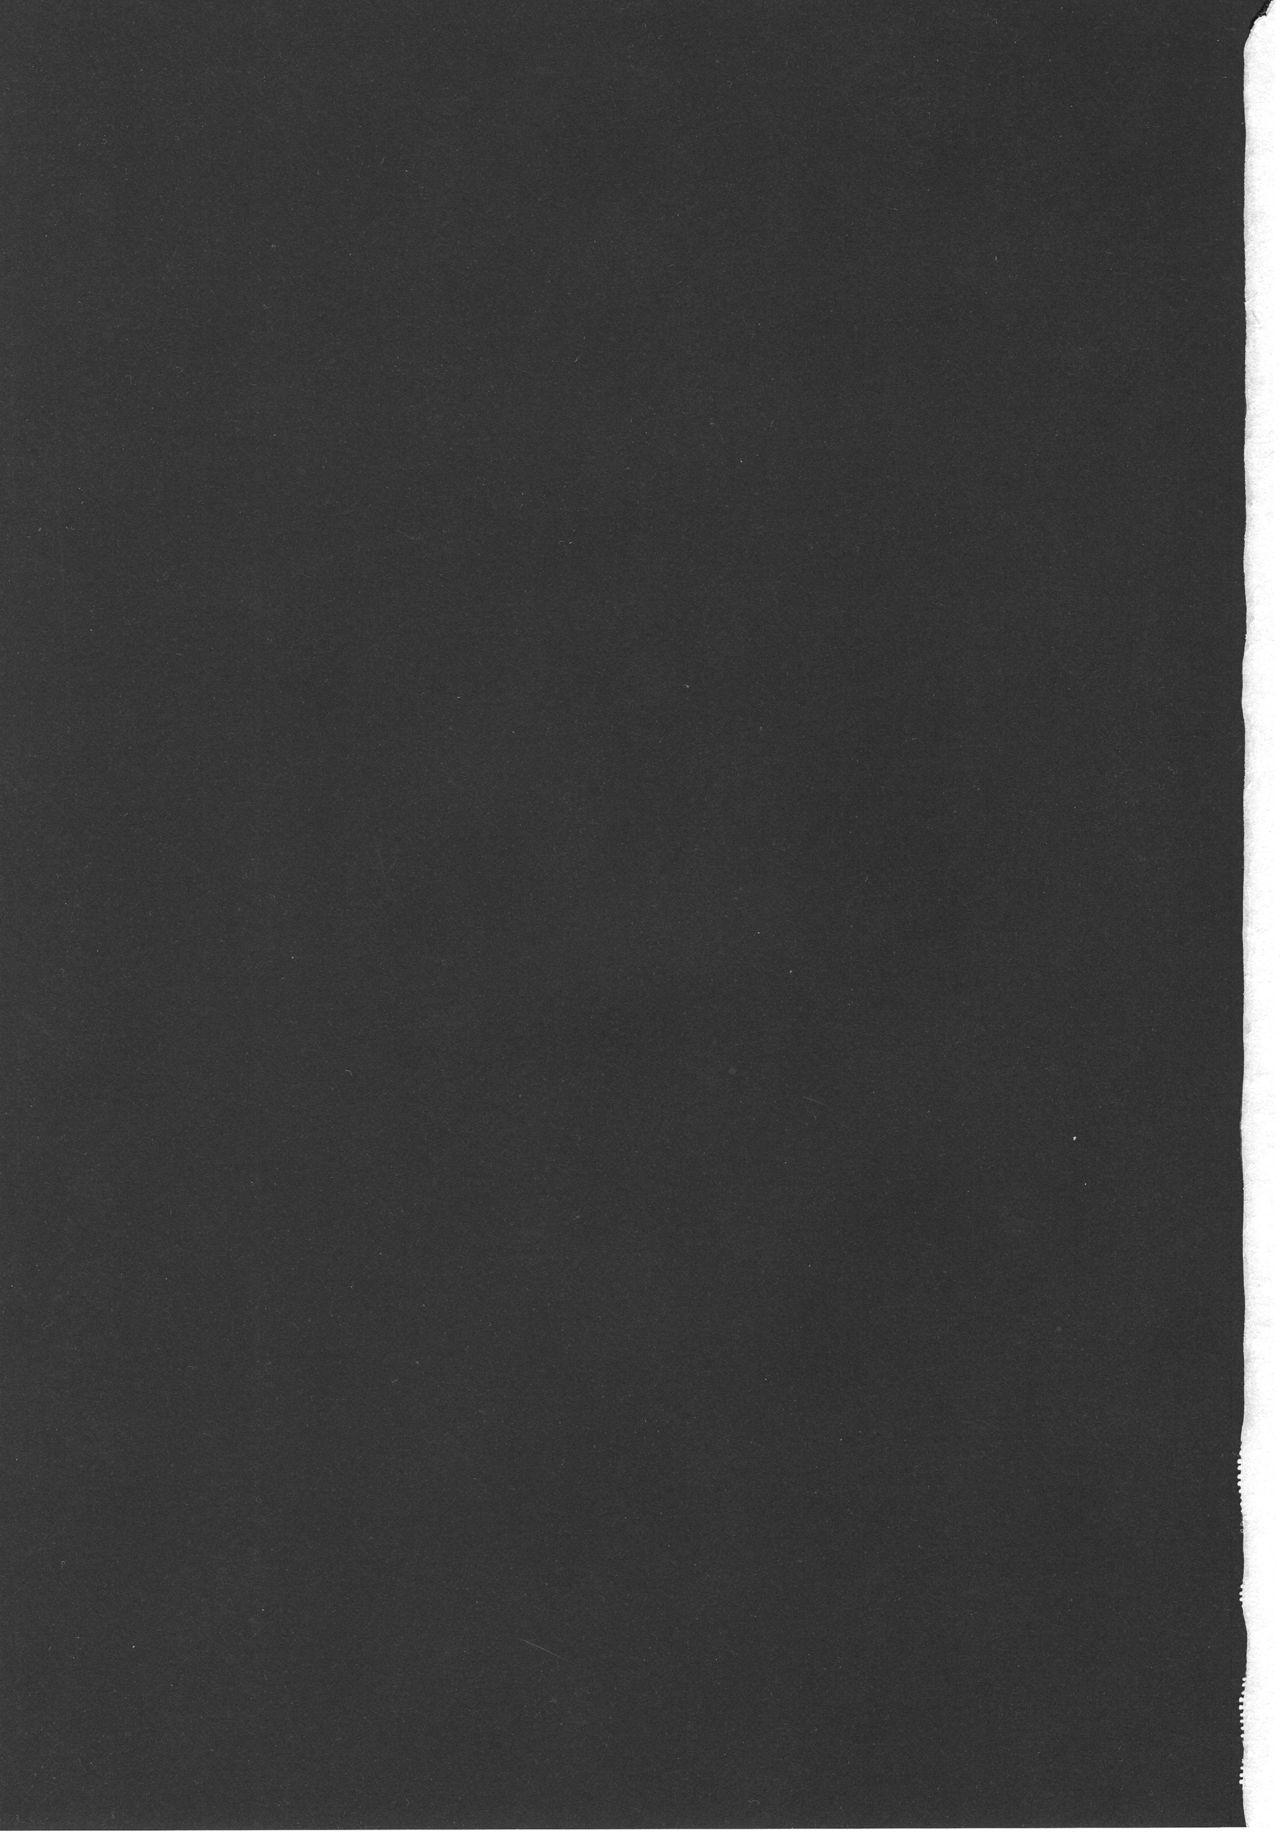 (C93) [Yakitate Jamaica (Aomushi)] Renzoku Taikyuu 8-jikan: Okay-san ga 8-jikan Buttooshi de Taikyuu Ecchi Suru Hon (Girls und Panzer) 1